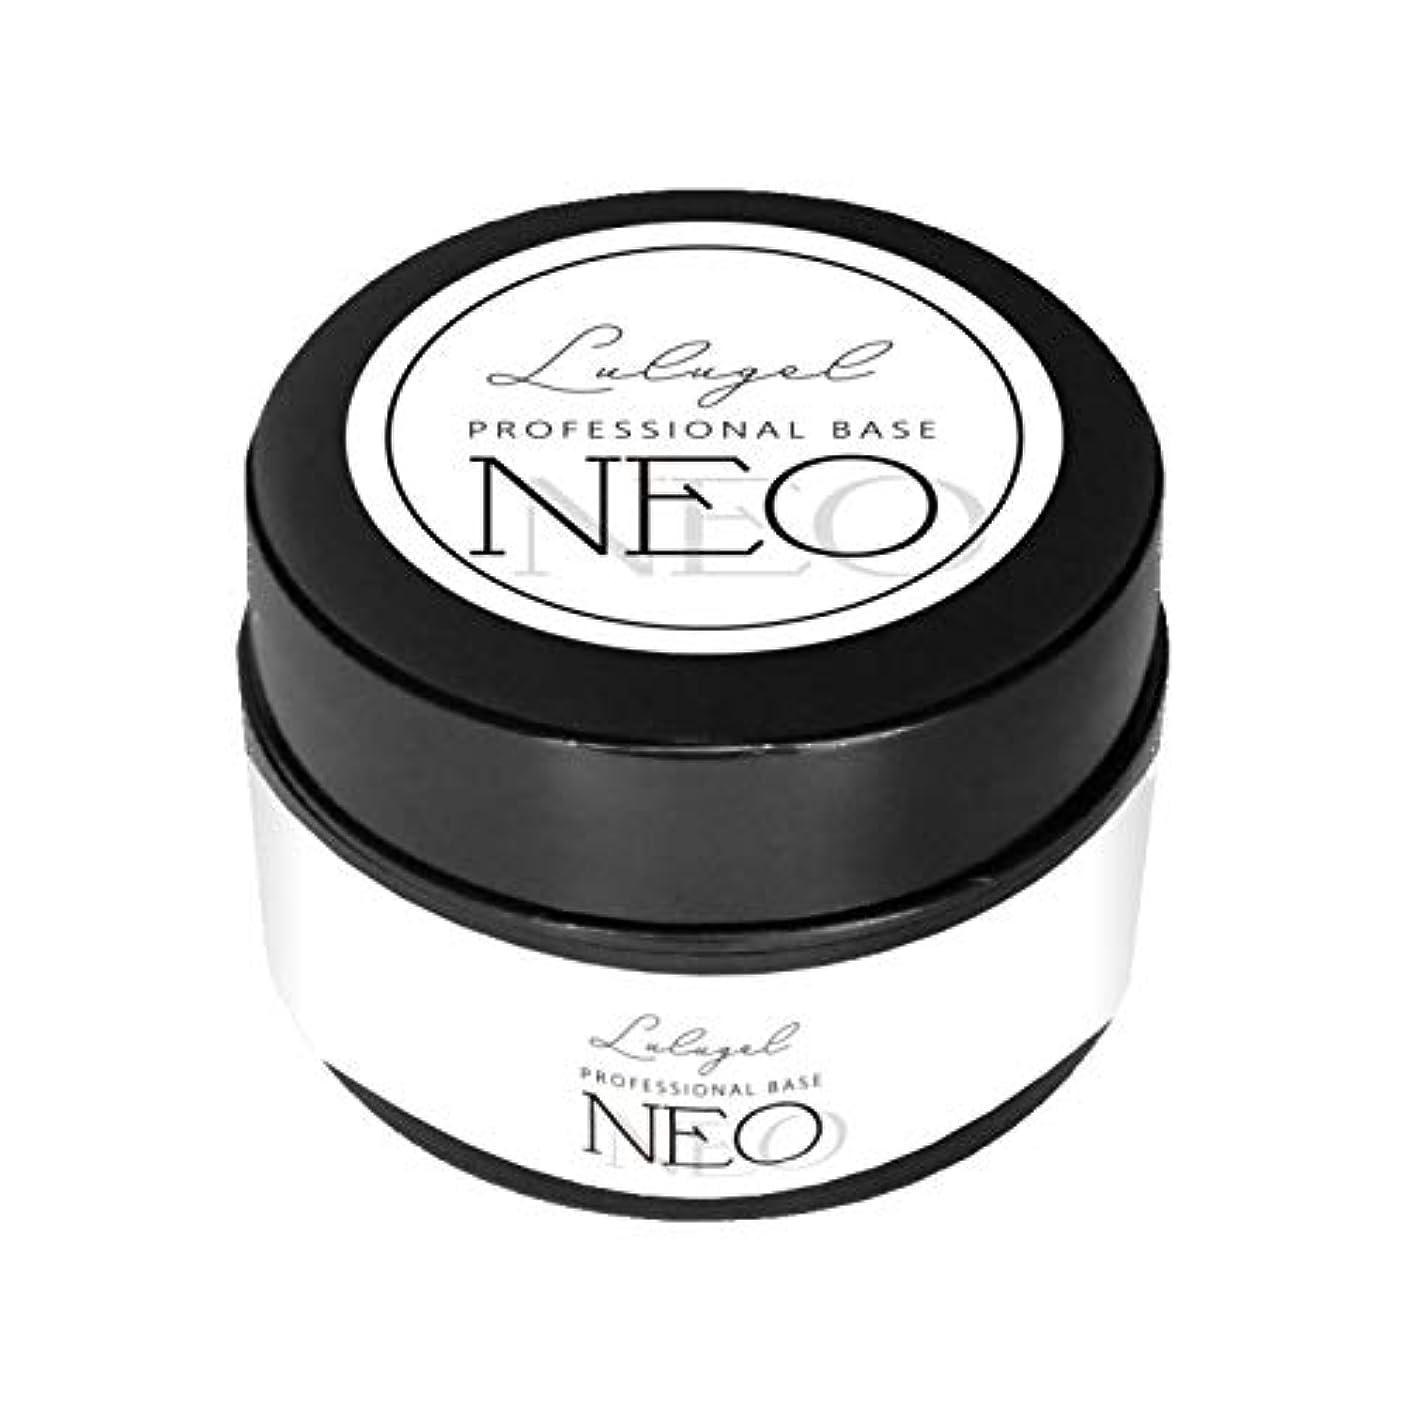 ストッキング経済的下に向けます【ポリッシュカラージェルプレゼント付き】最新 ジェルネイル LULUGEL NEO プロフェッショナル ベース 15g 爪用化粧料 (1個)